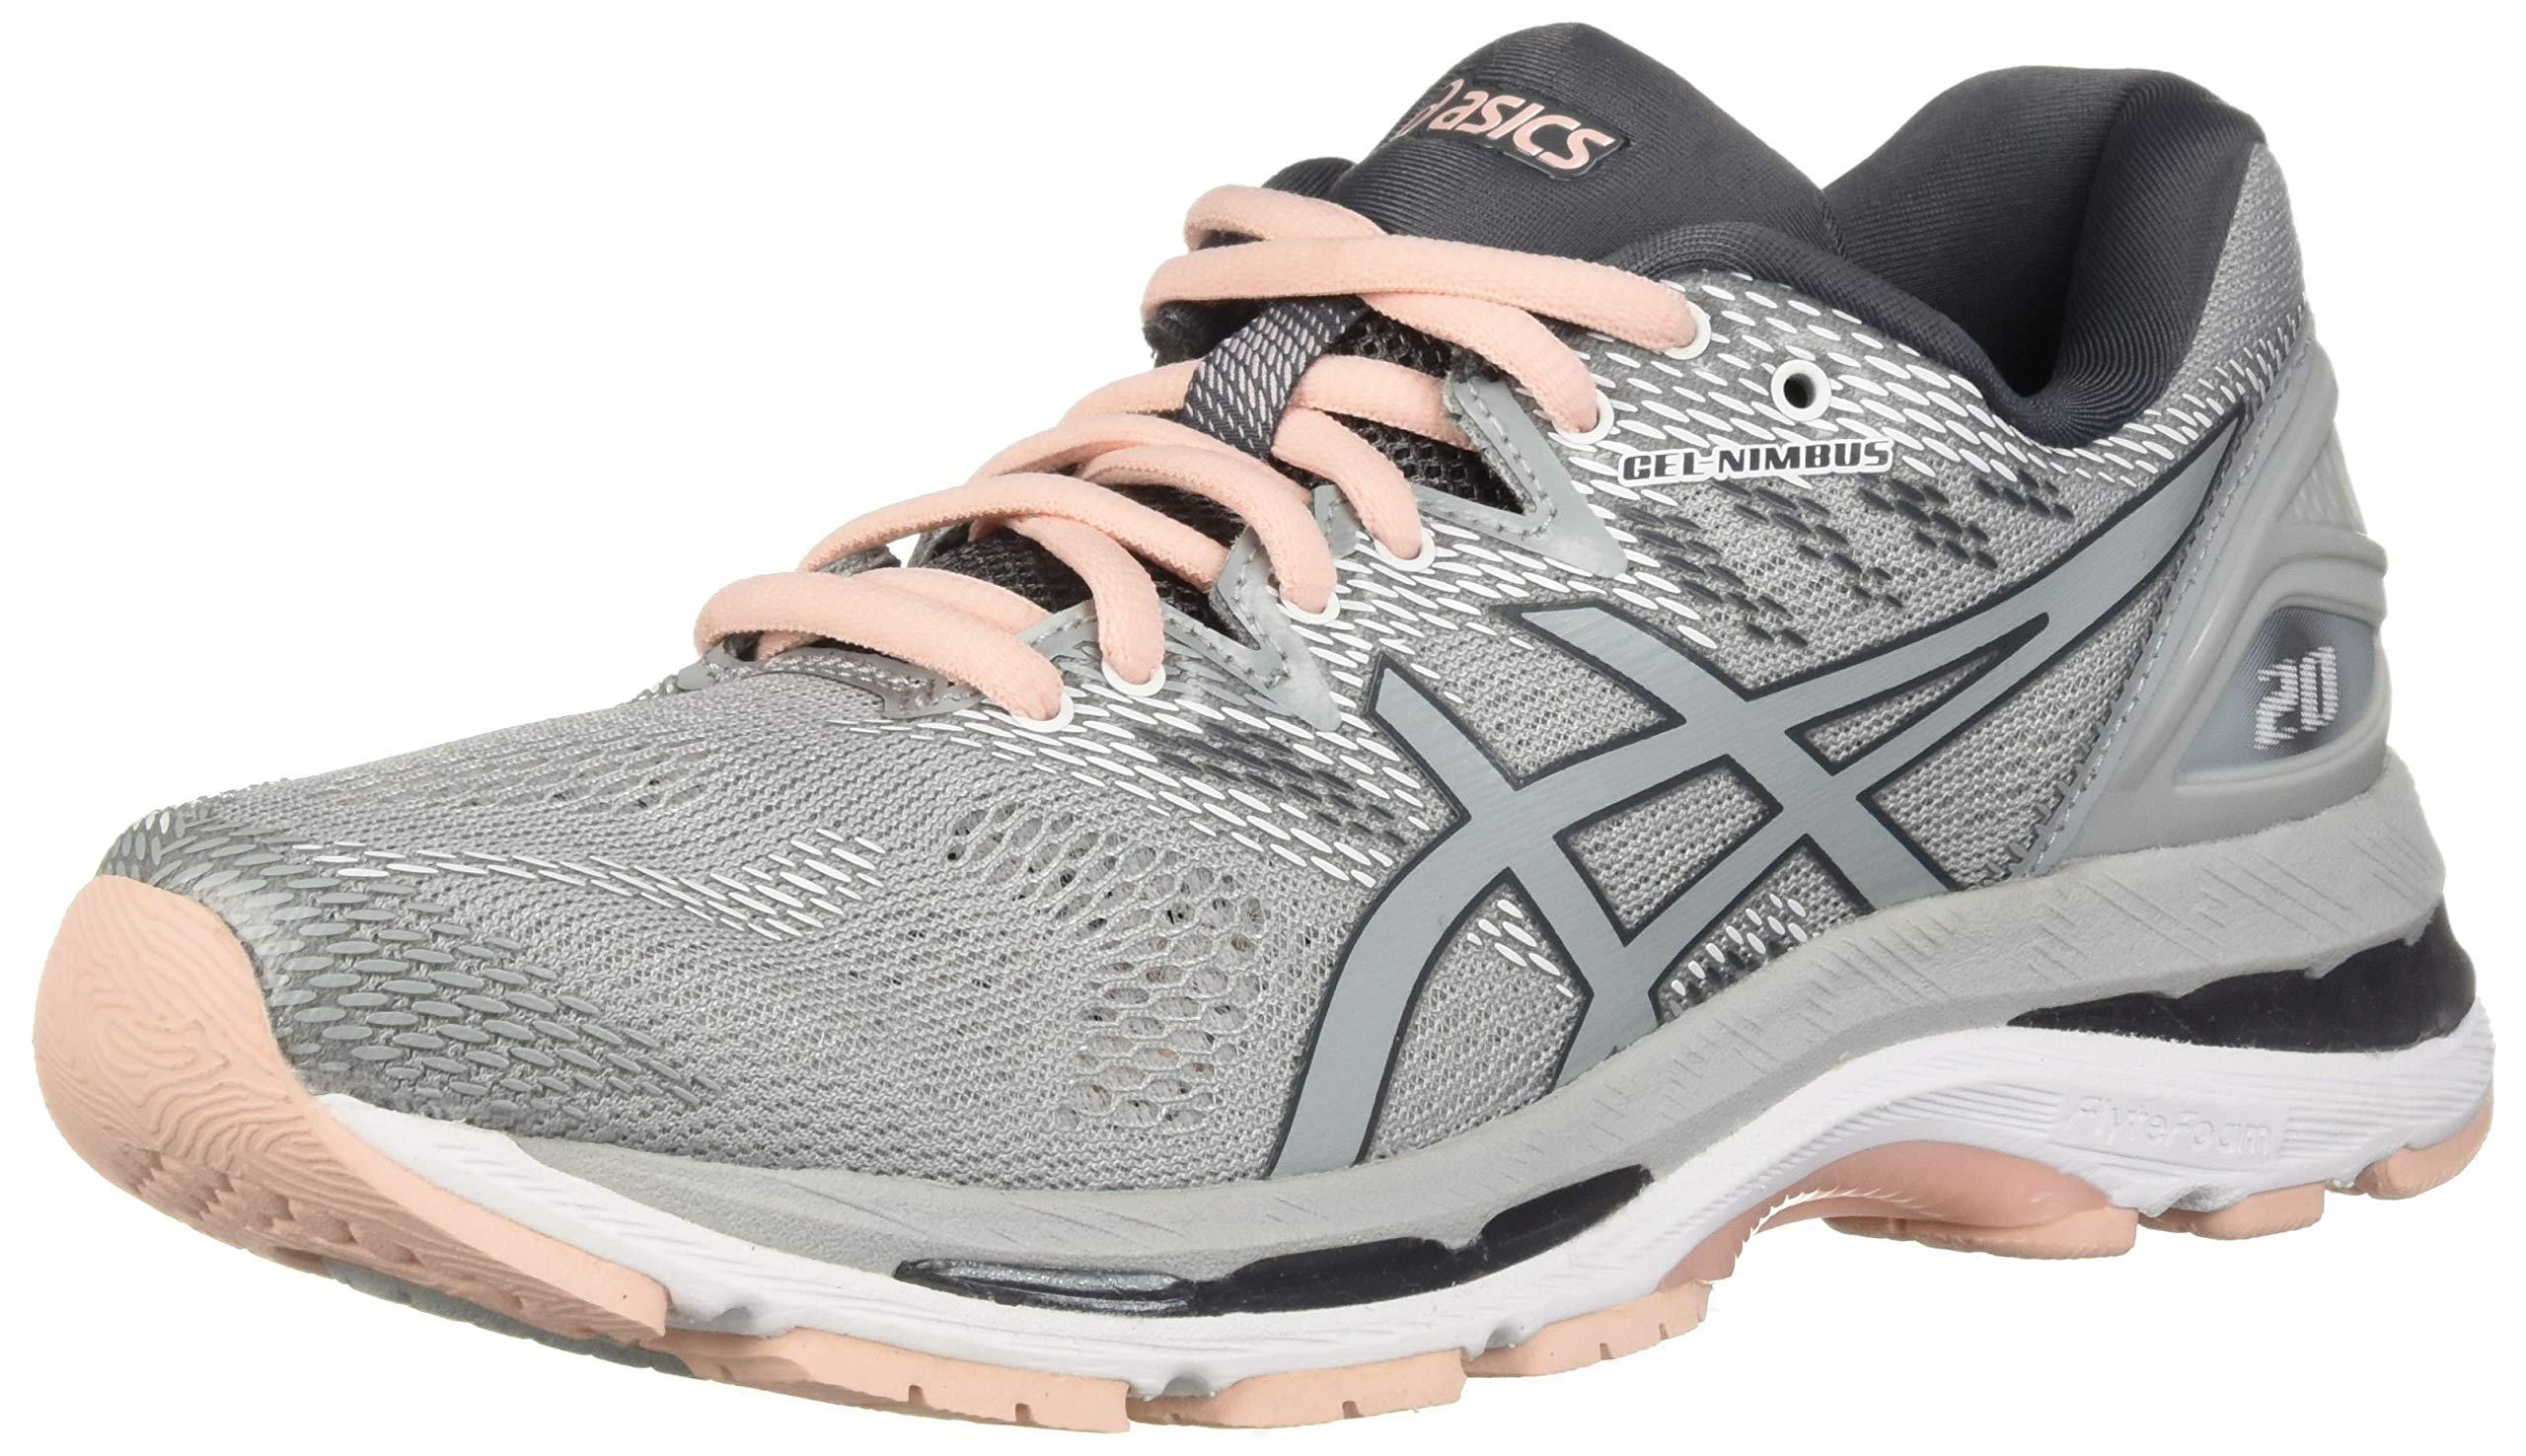 ASICS Women's Gel-Nimbus 20 Running Shoe, mid Grey/mid Grey/Seashell Pink, 7 Medium US